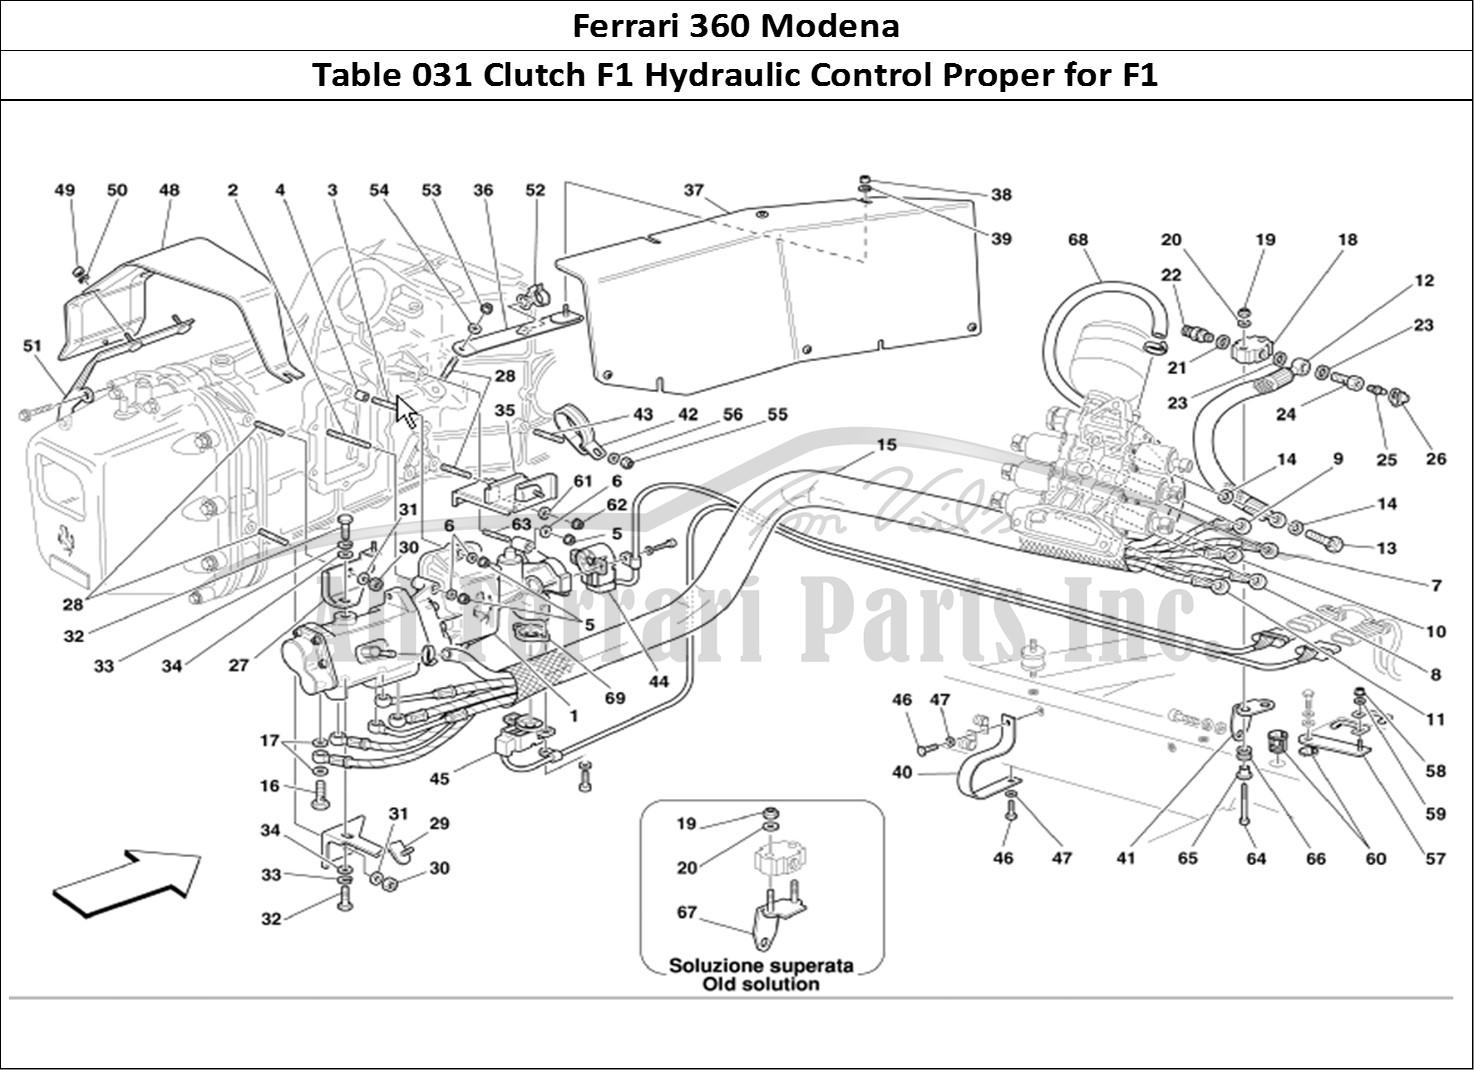 Buy Original Ferrari 360 Modena 031 Clutch F1 Hydraulic Control Proper For F1 Ferrari Parts